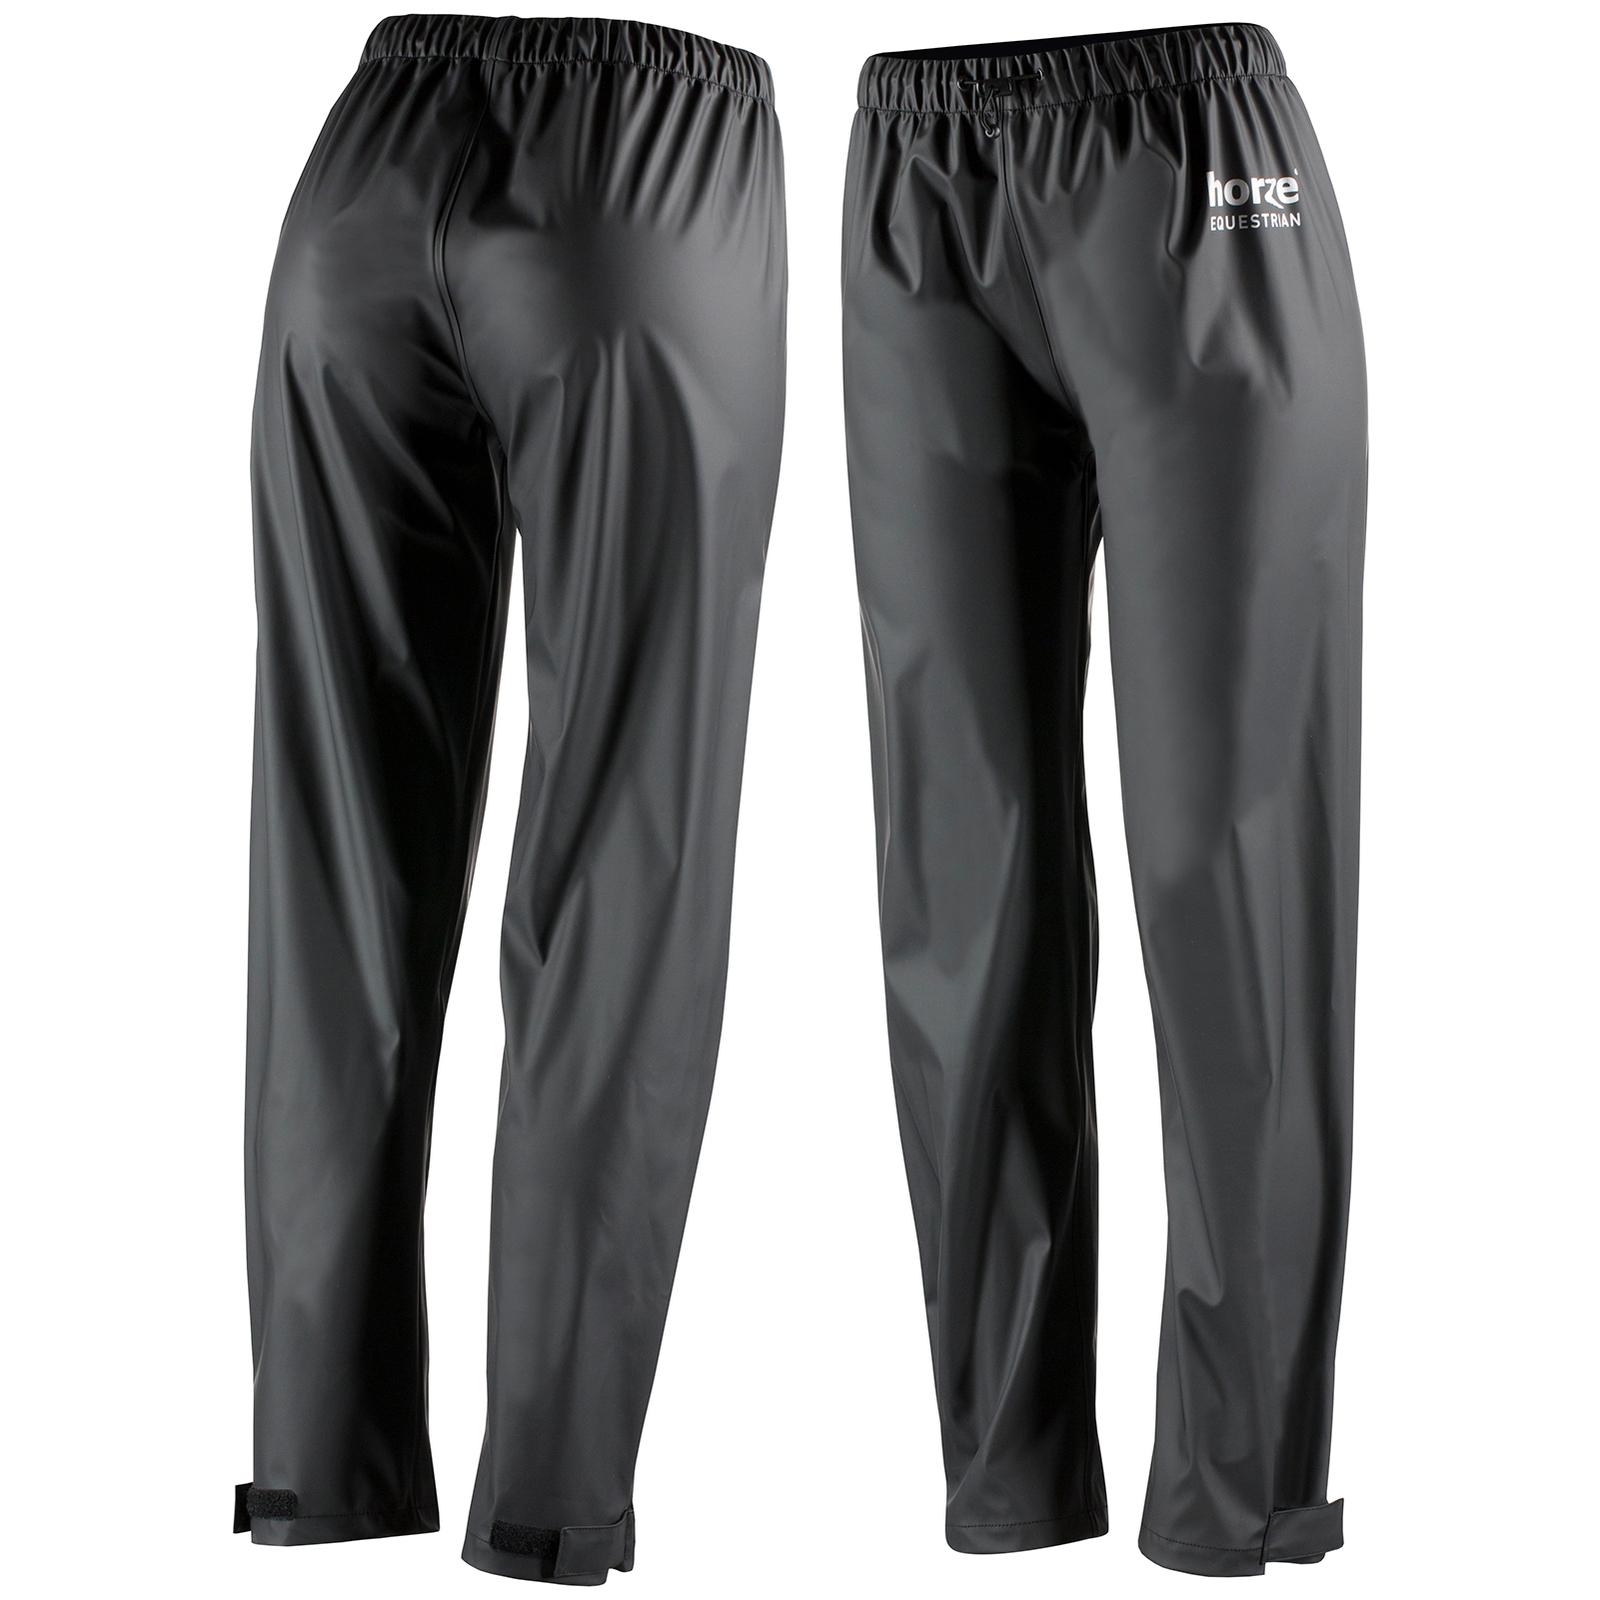 Buy Horze Billie Women's PU Rain Pants | horze.eu